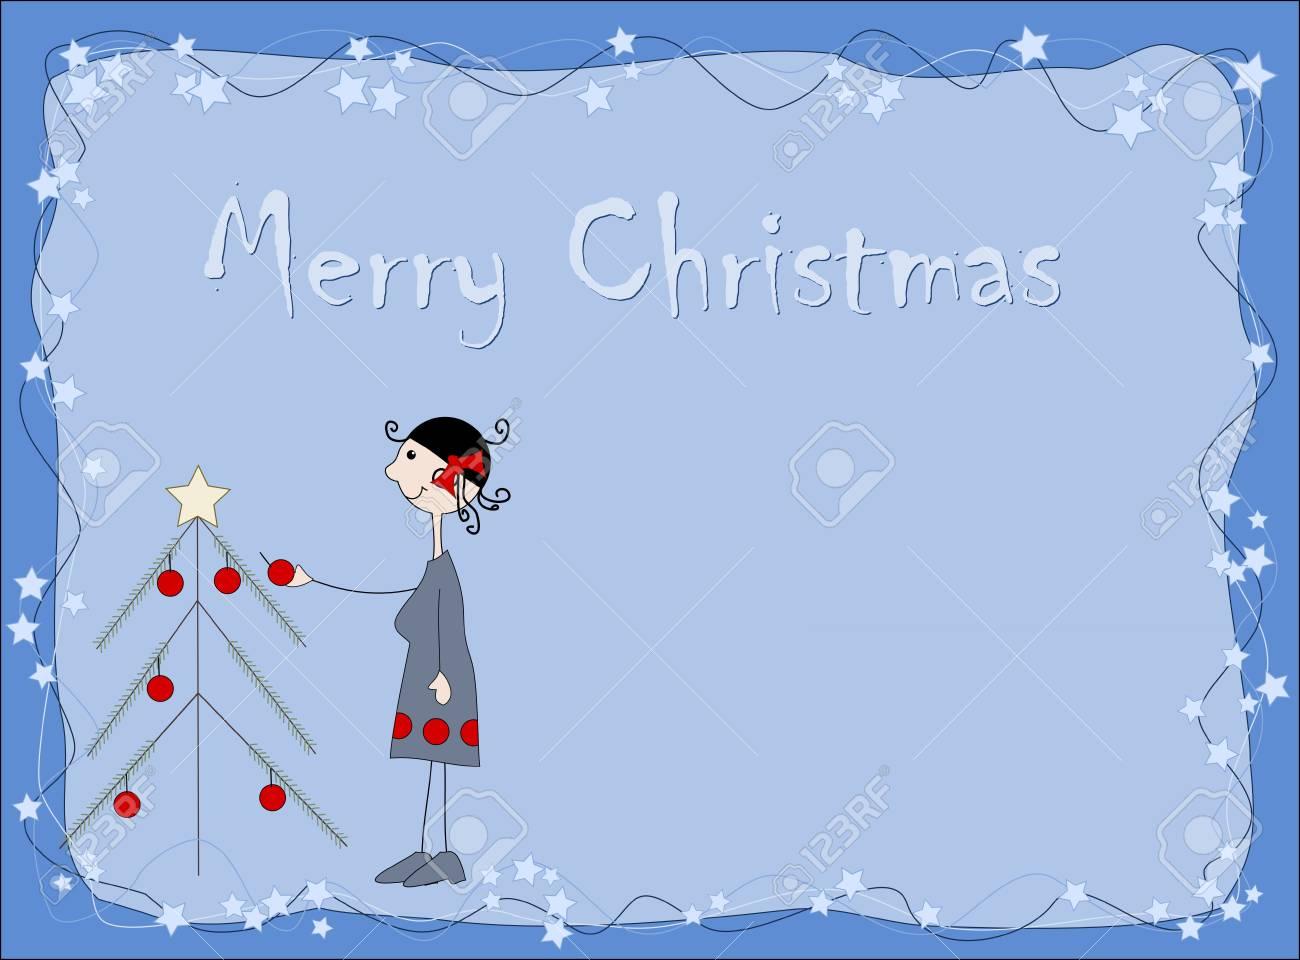 Merry Christmas - christmas tree and woman Stock Vector - 13733698